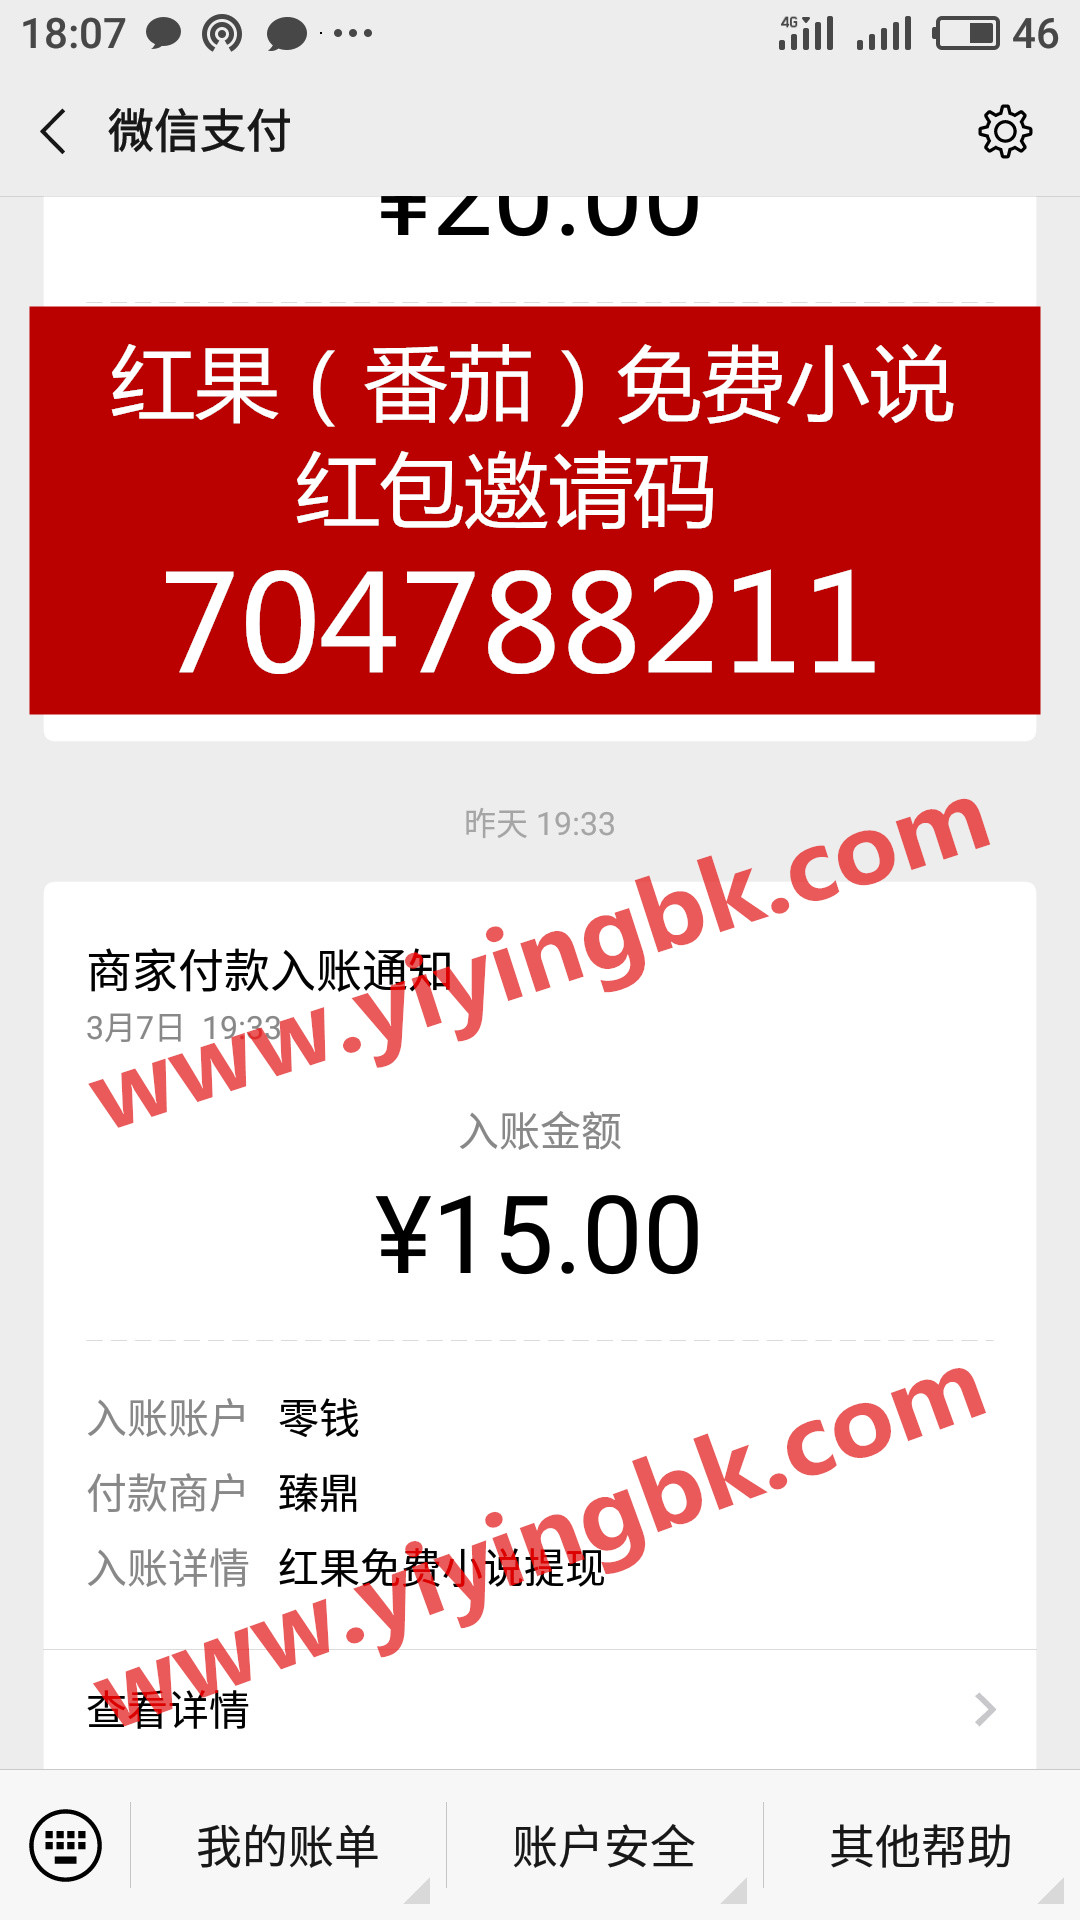 红果(番茄)免费小说,看小说就能赚钱,微信提现15元快速到账。www.yiyingbk.com